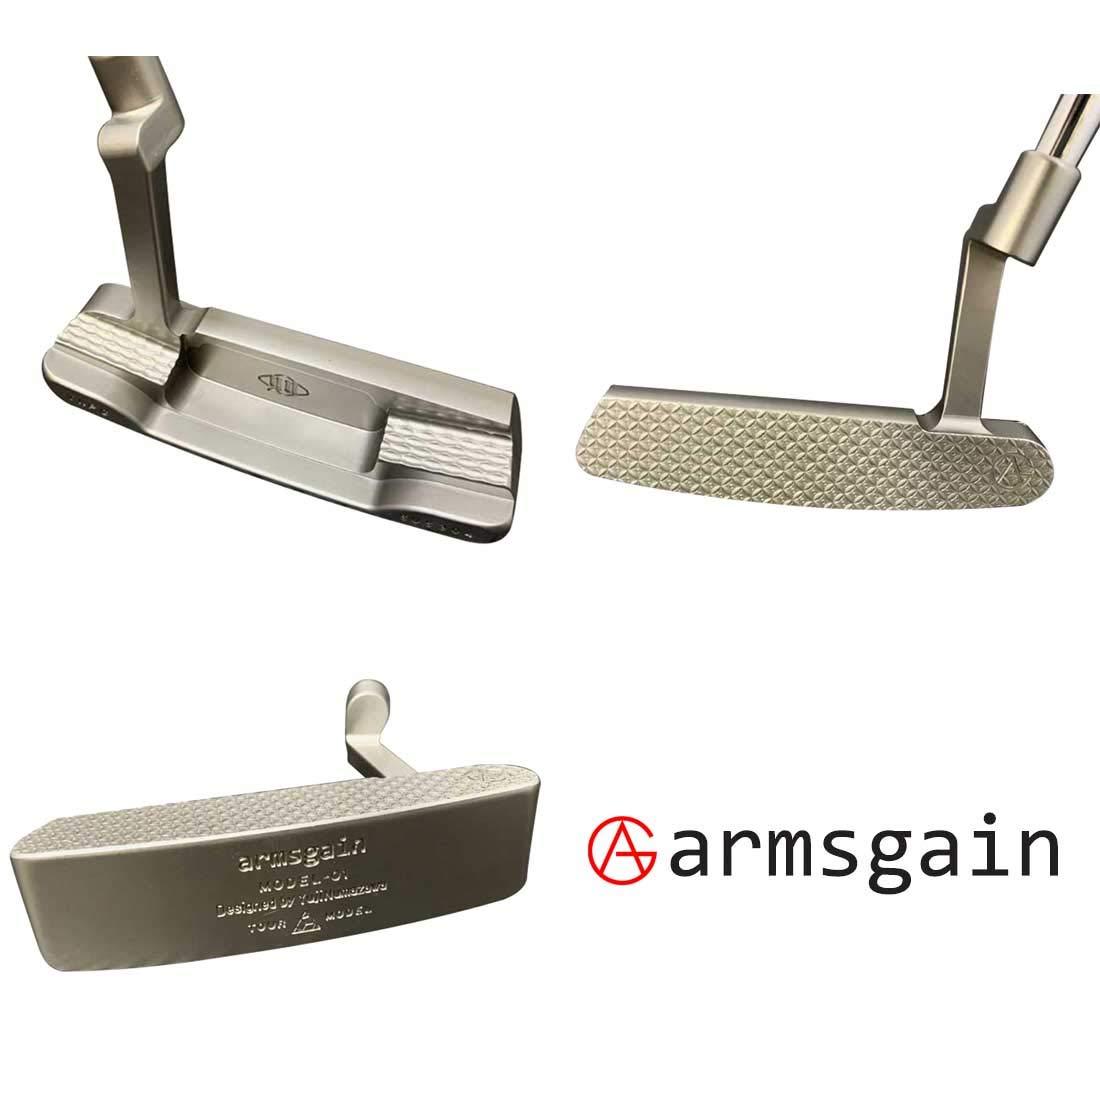 アームスゲイン(armsgain) パター Model-01【TourModel】 クランクネックタイプ 35インチ パター B07S6VS938